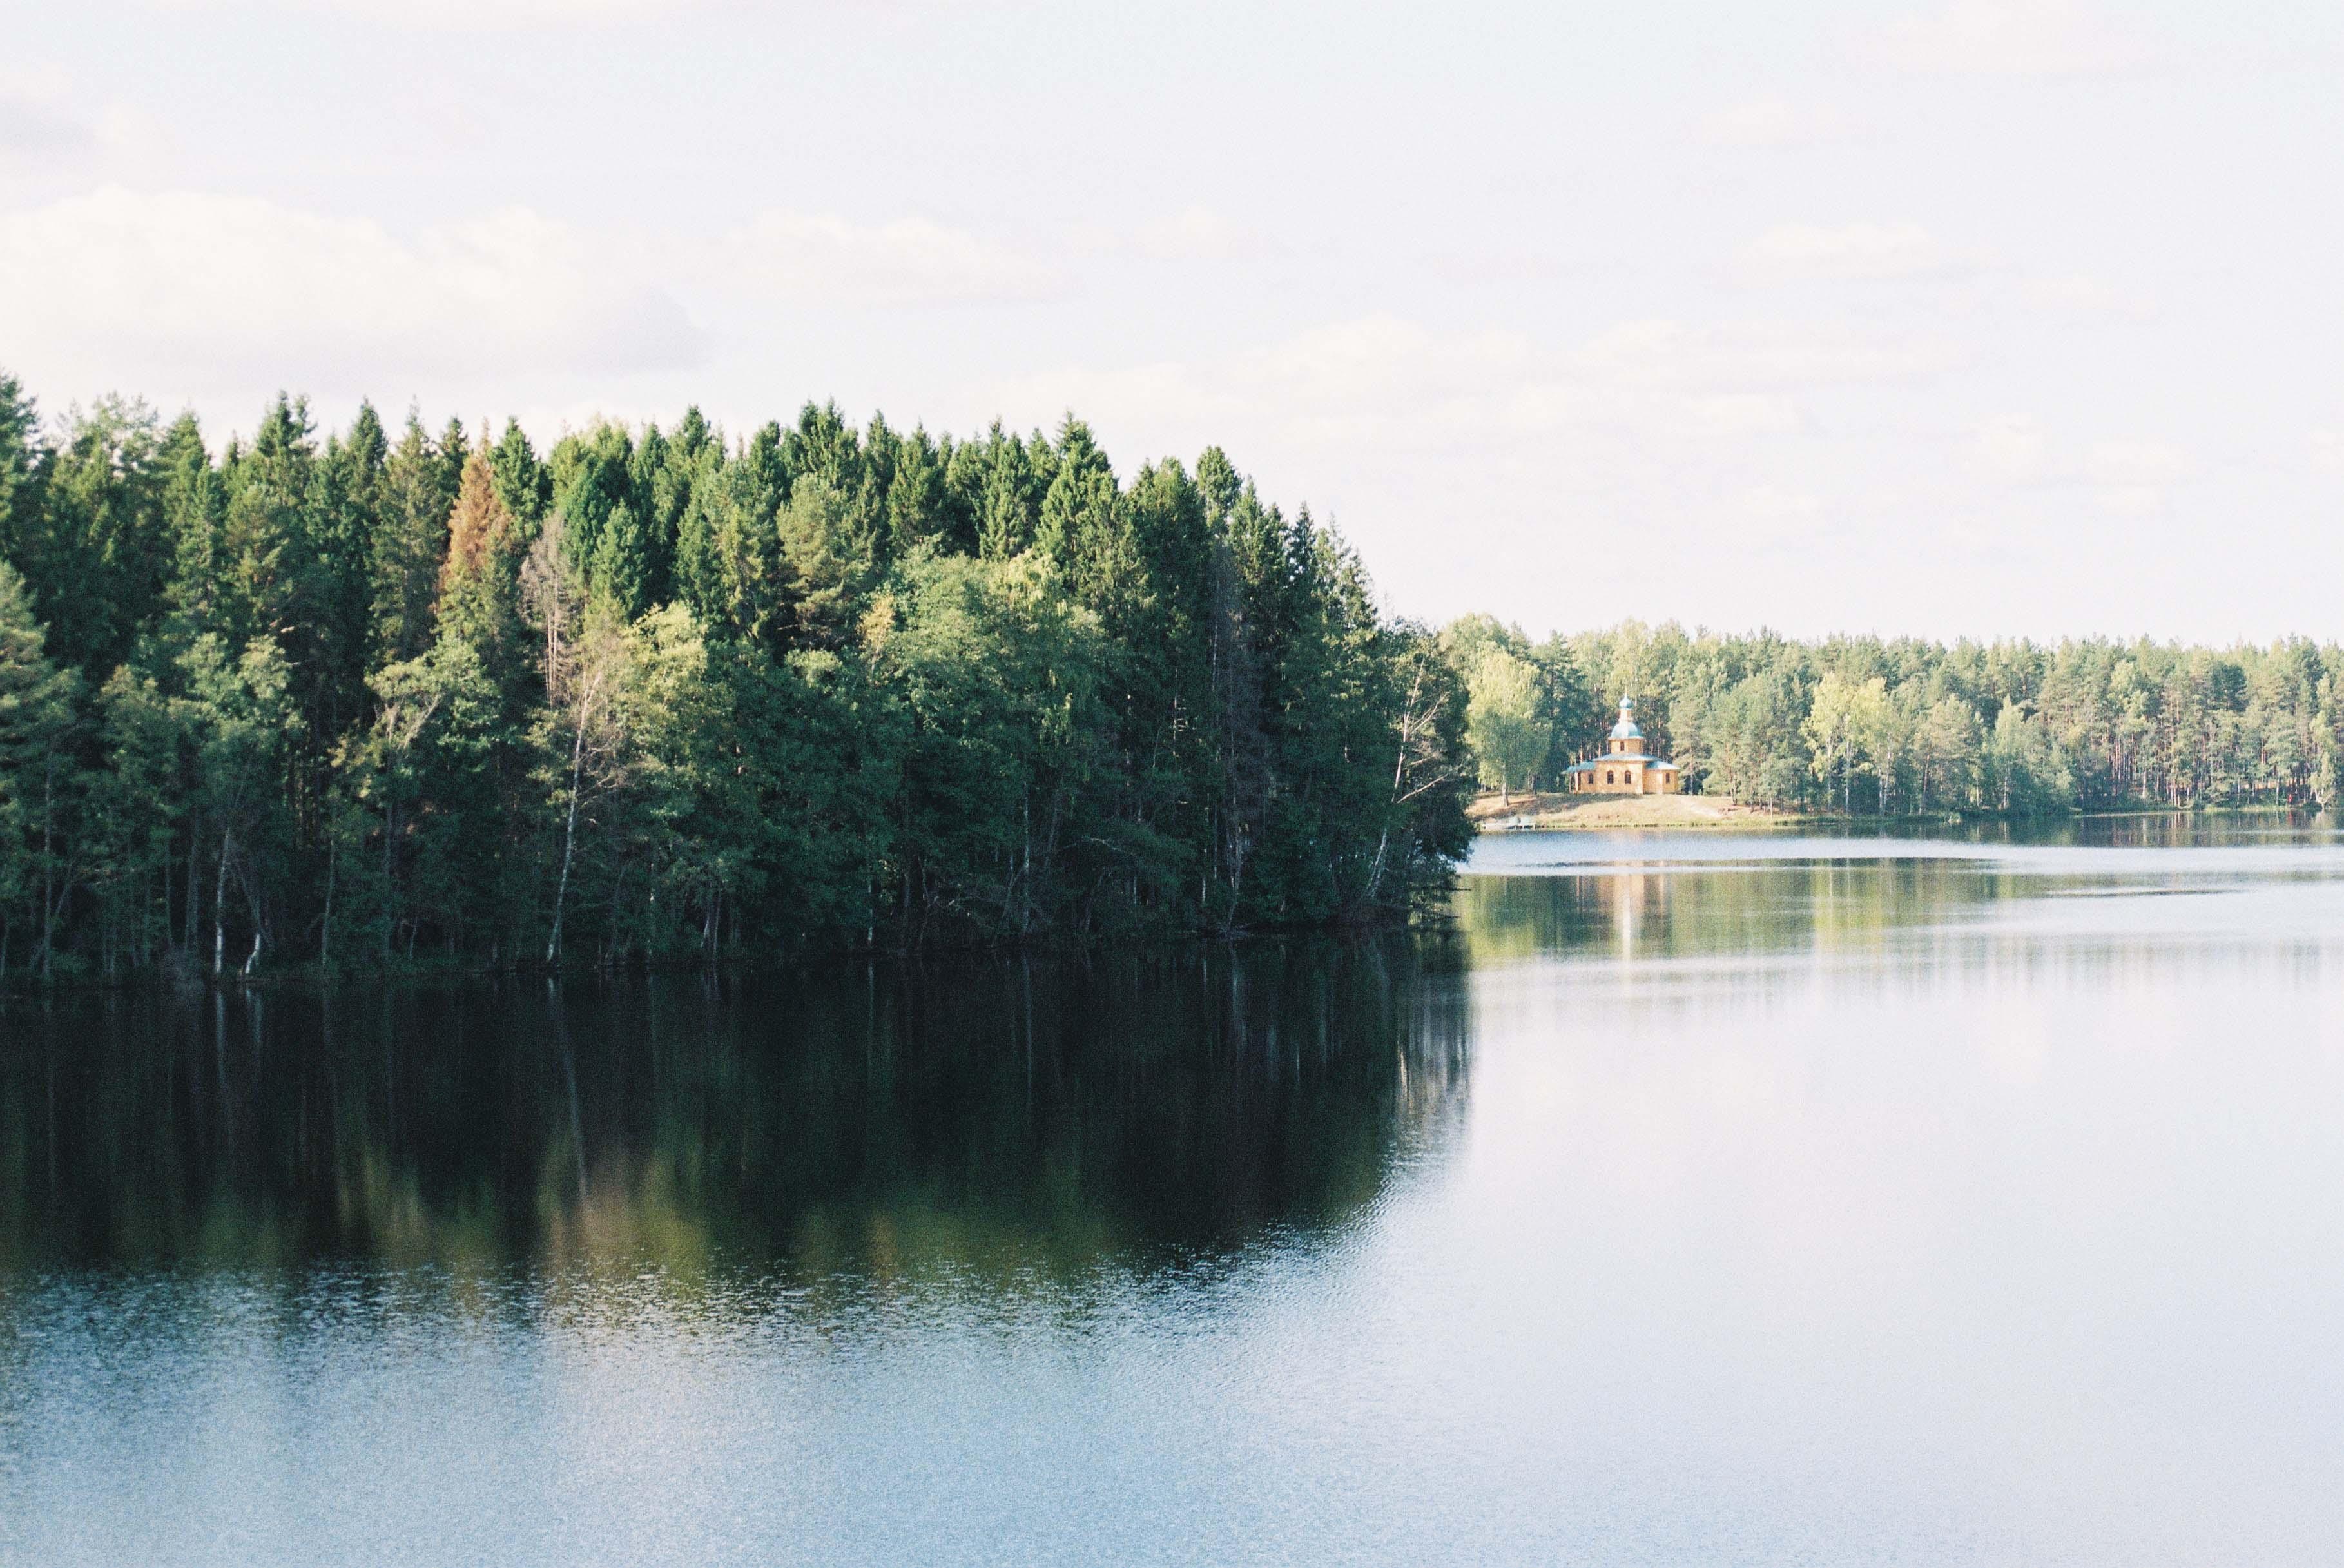 Пантелеимоновский скит на противоположном берегу озера. До него легко дойти по лесной дороге справа от обители